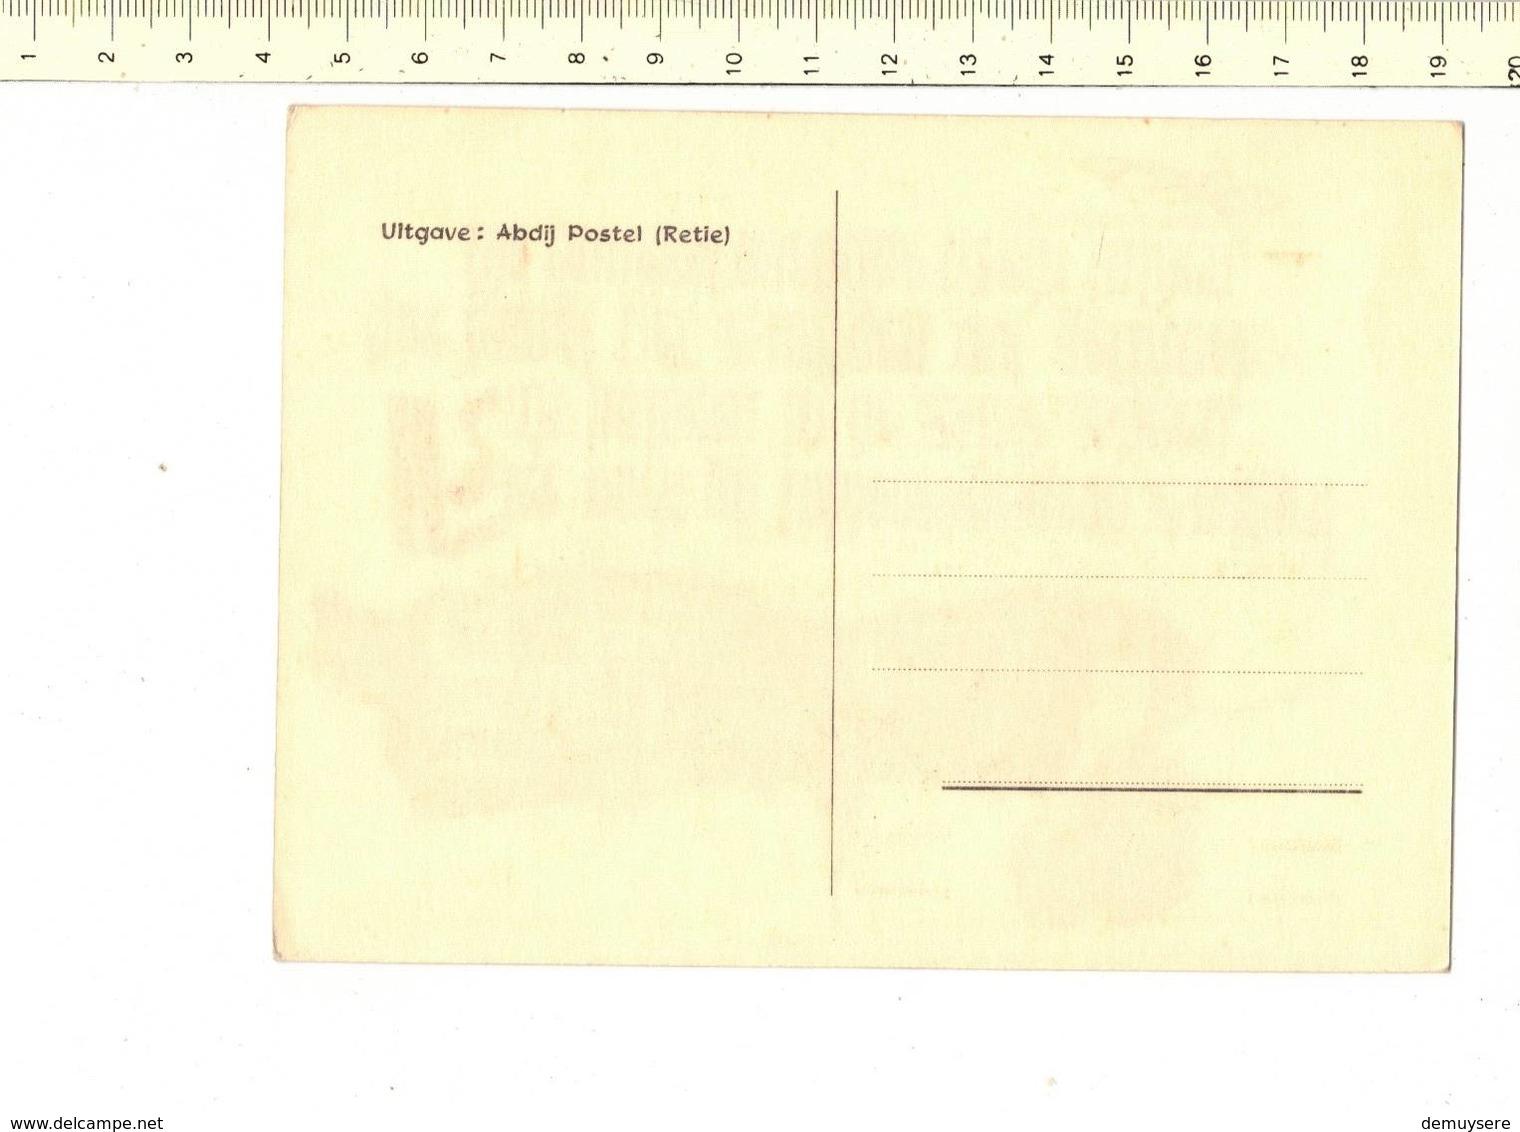 49103 - ABDIJ POSTEL - HIER VOELT GIJ TALDOORDRINGEND ZWIJGEN - Mol